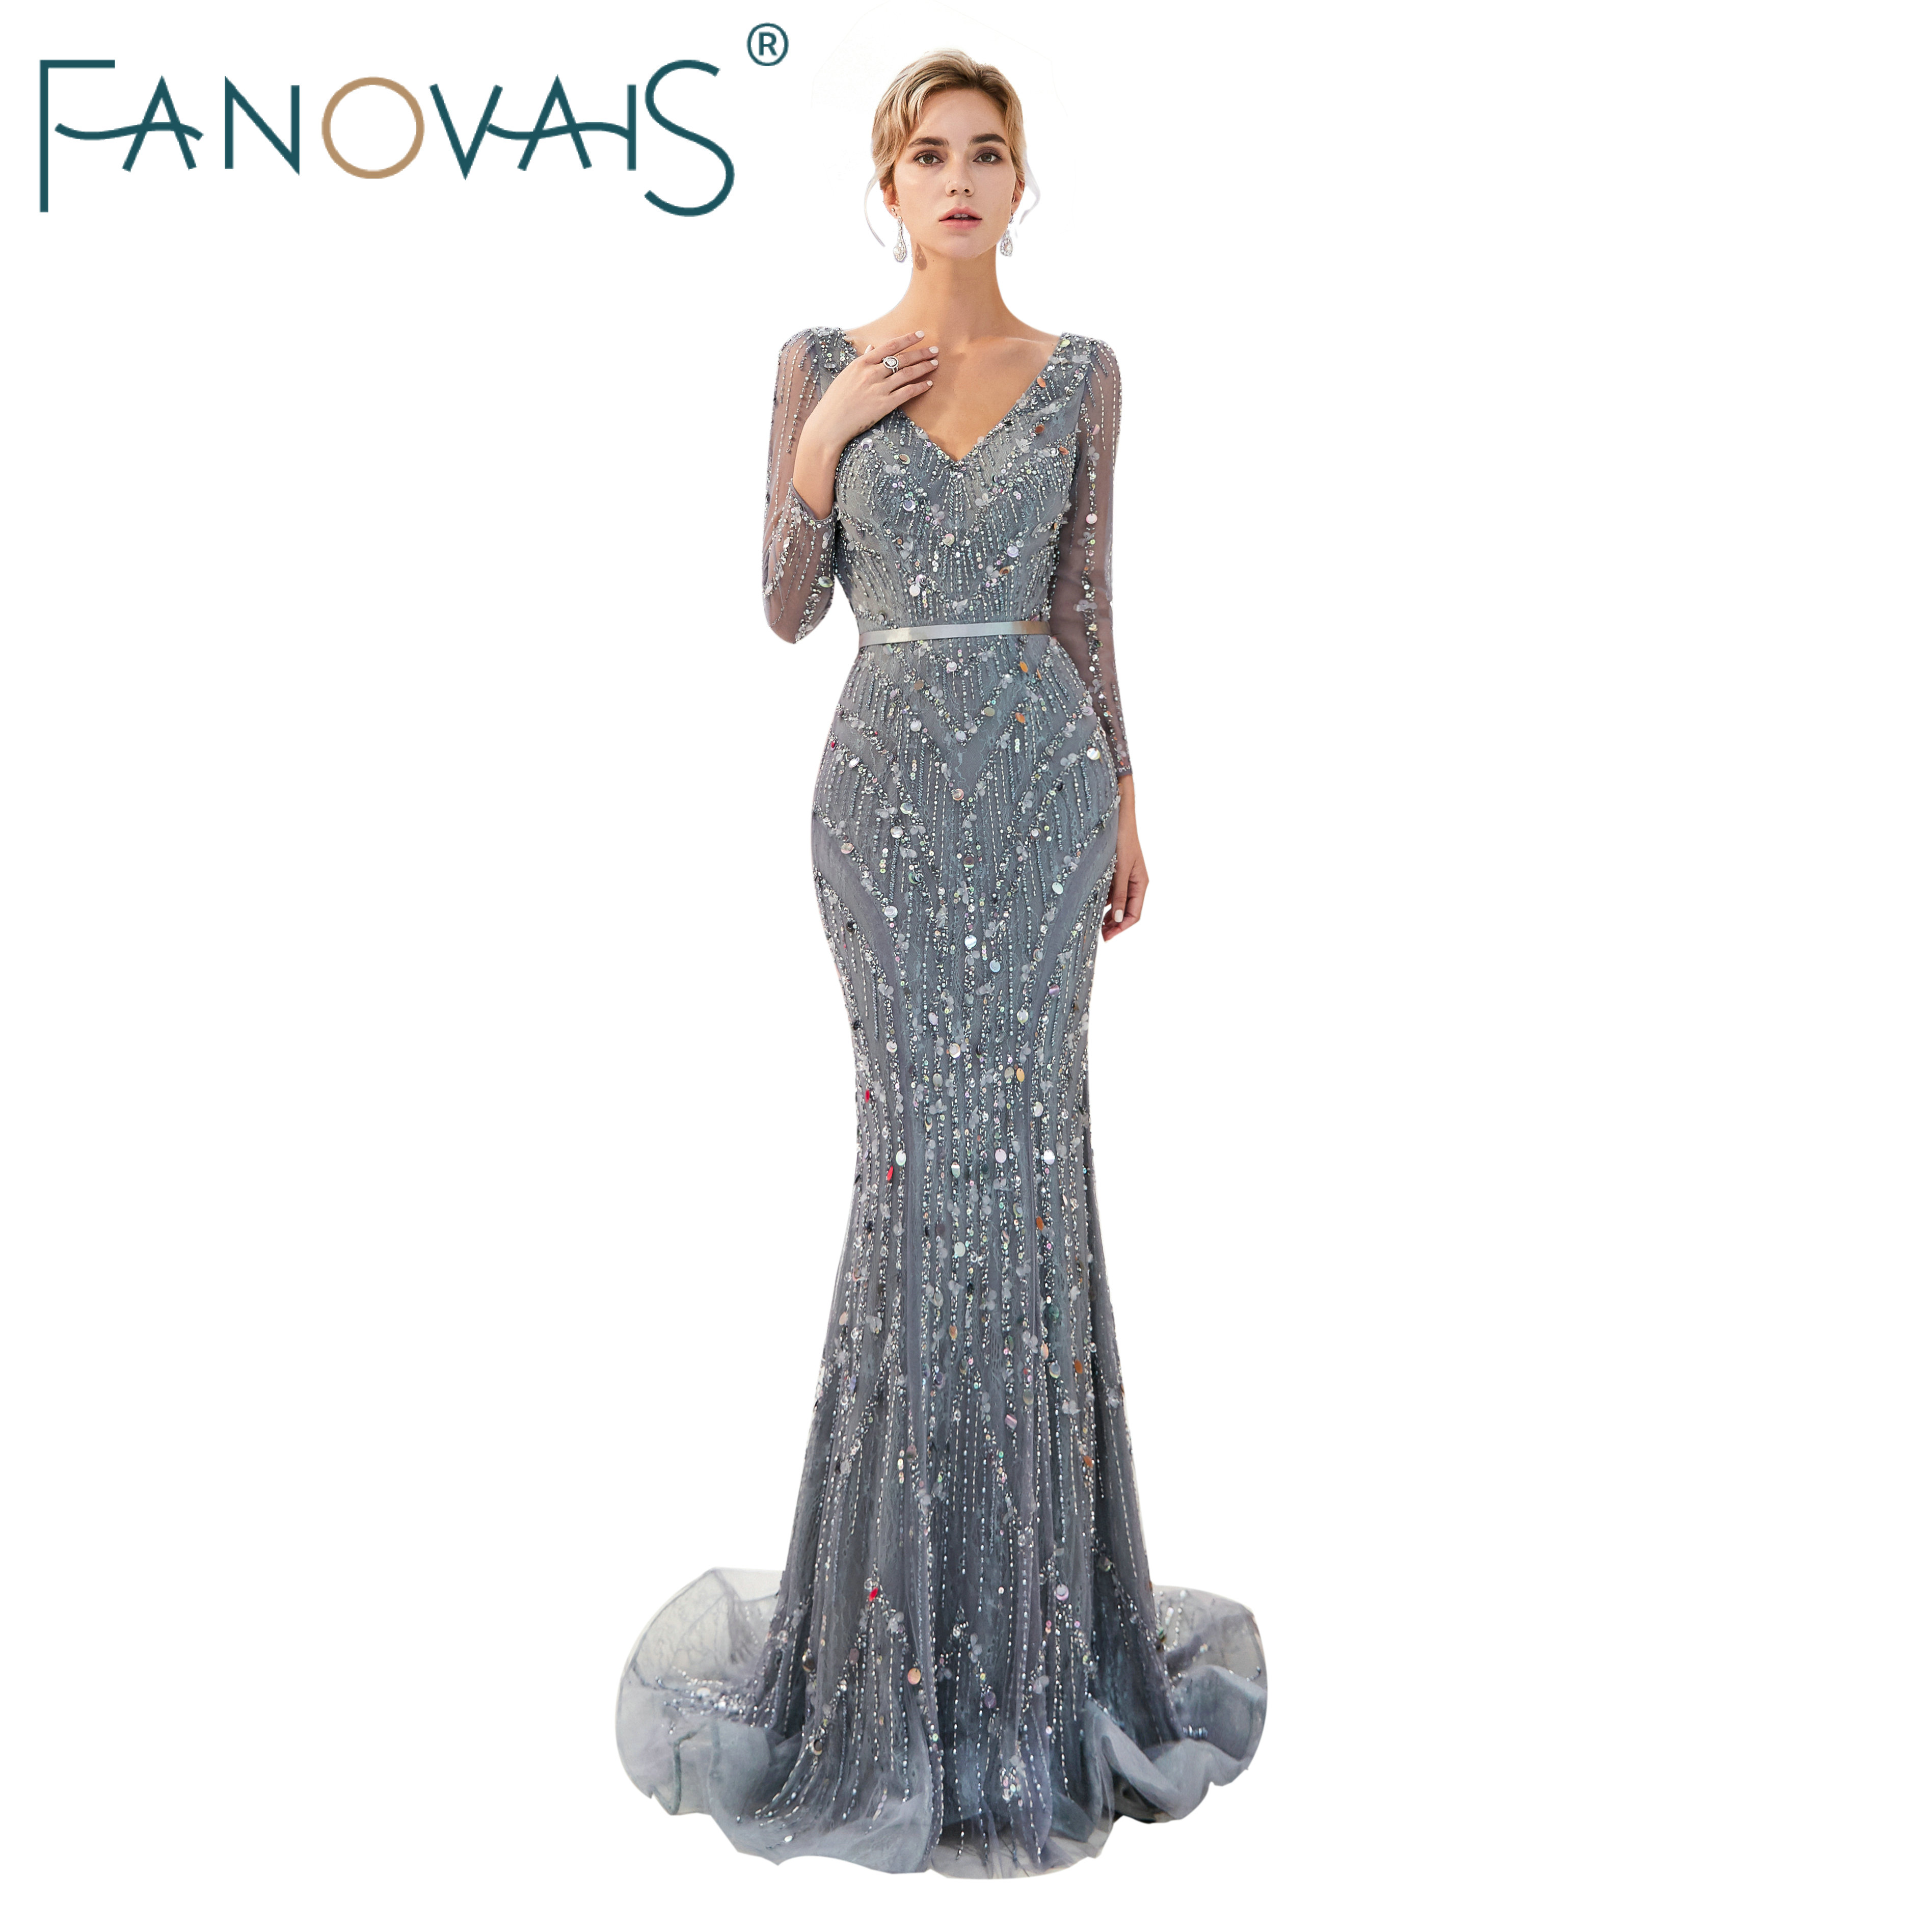 ロングスリーブシルバーイブニングドレス付きの豪華なイブニングドレスVestido De Festiaセクシーなナイトドレスフォーマルドレスロング2019フォーマルウェア